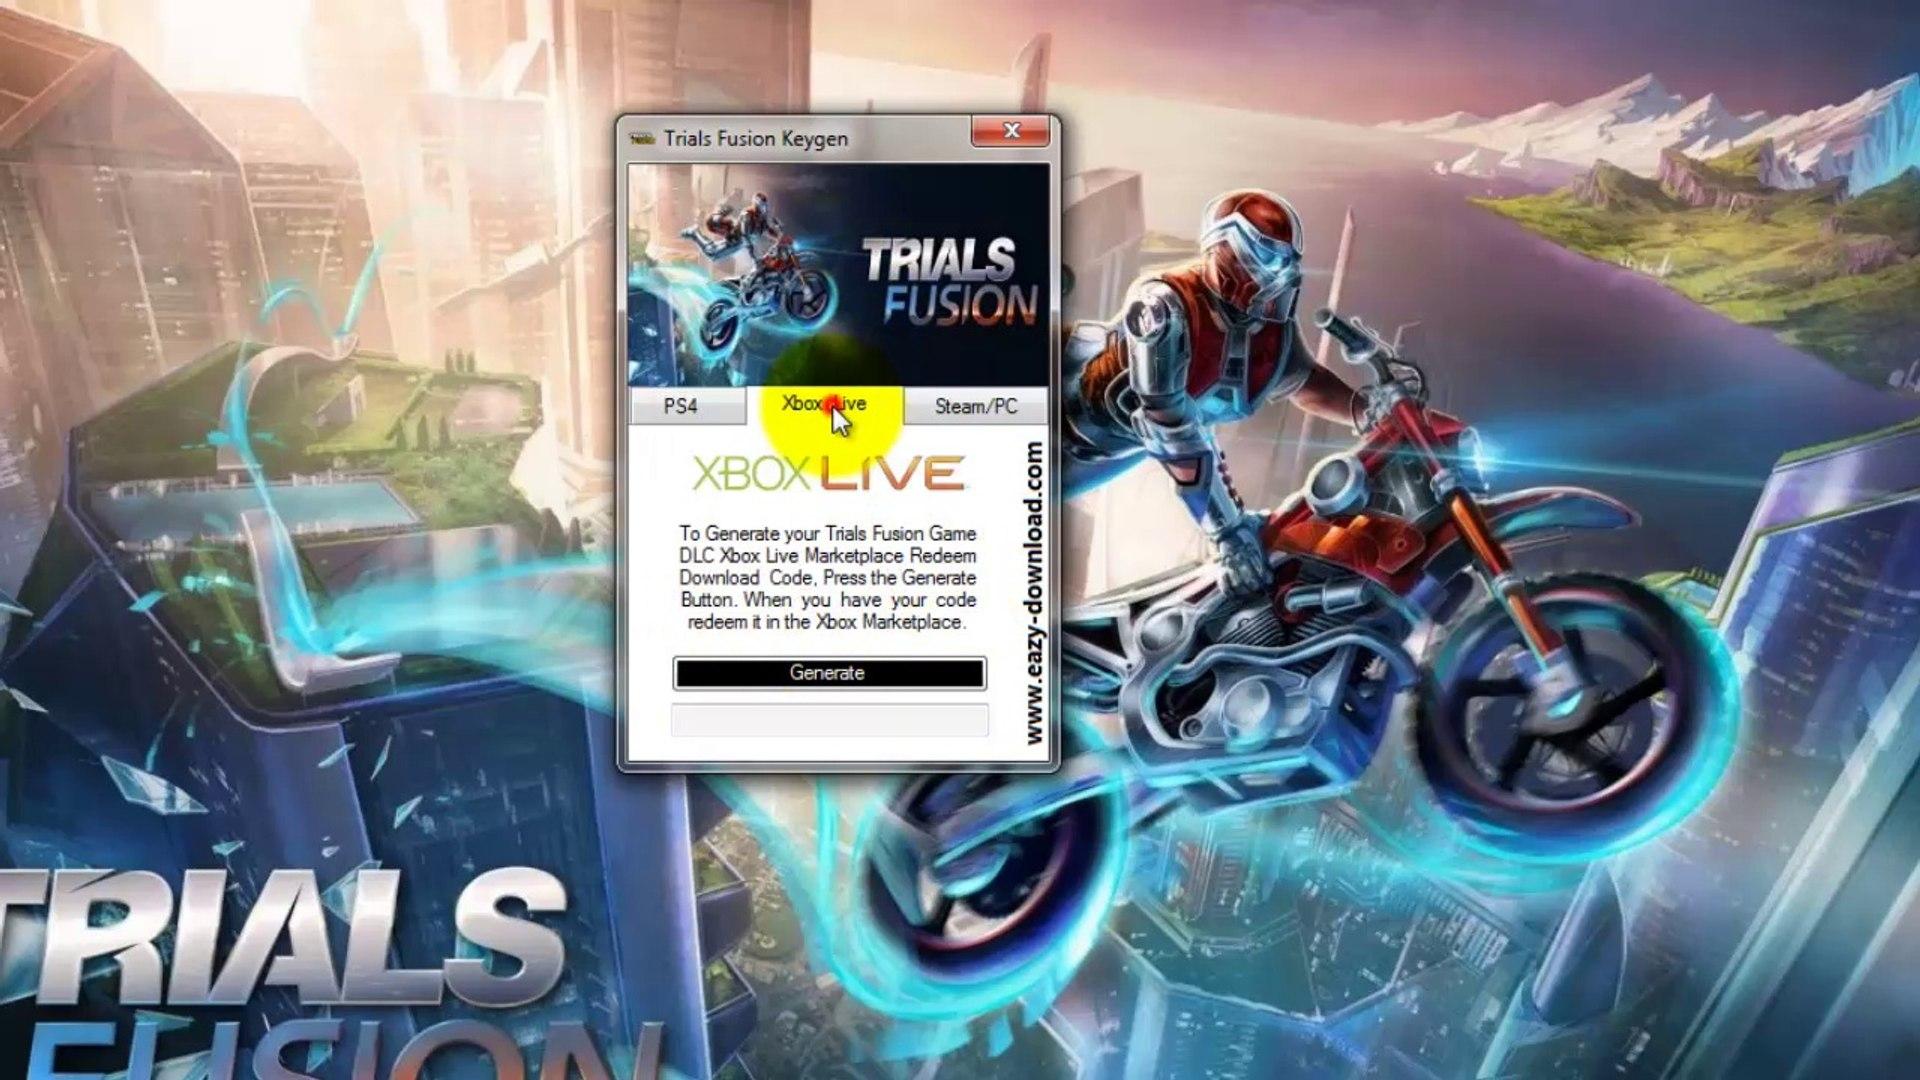 Free Trials Fusion Redeem Codes - DLC Codes - Keys - Keygen - Steam Key